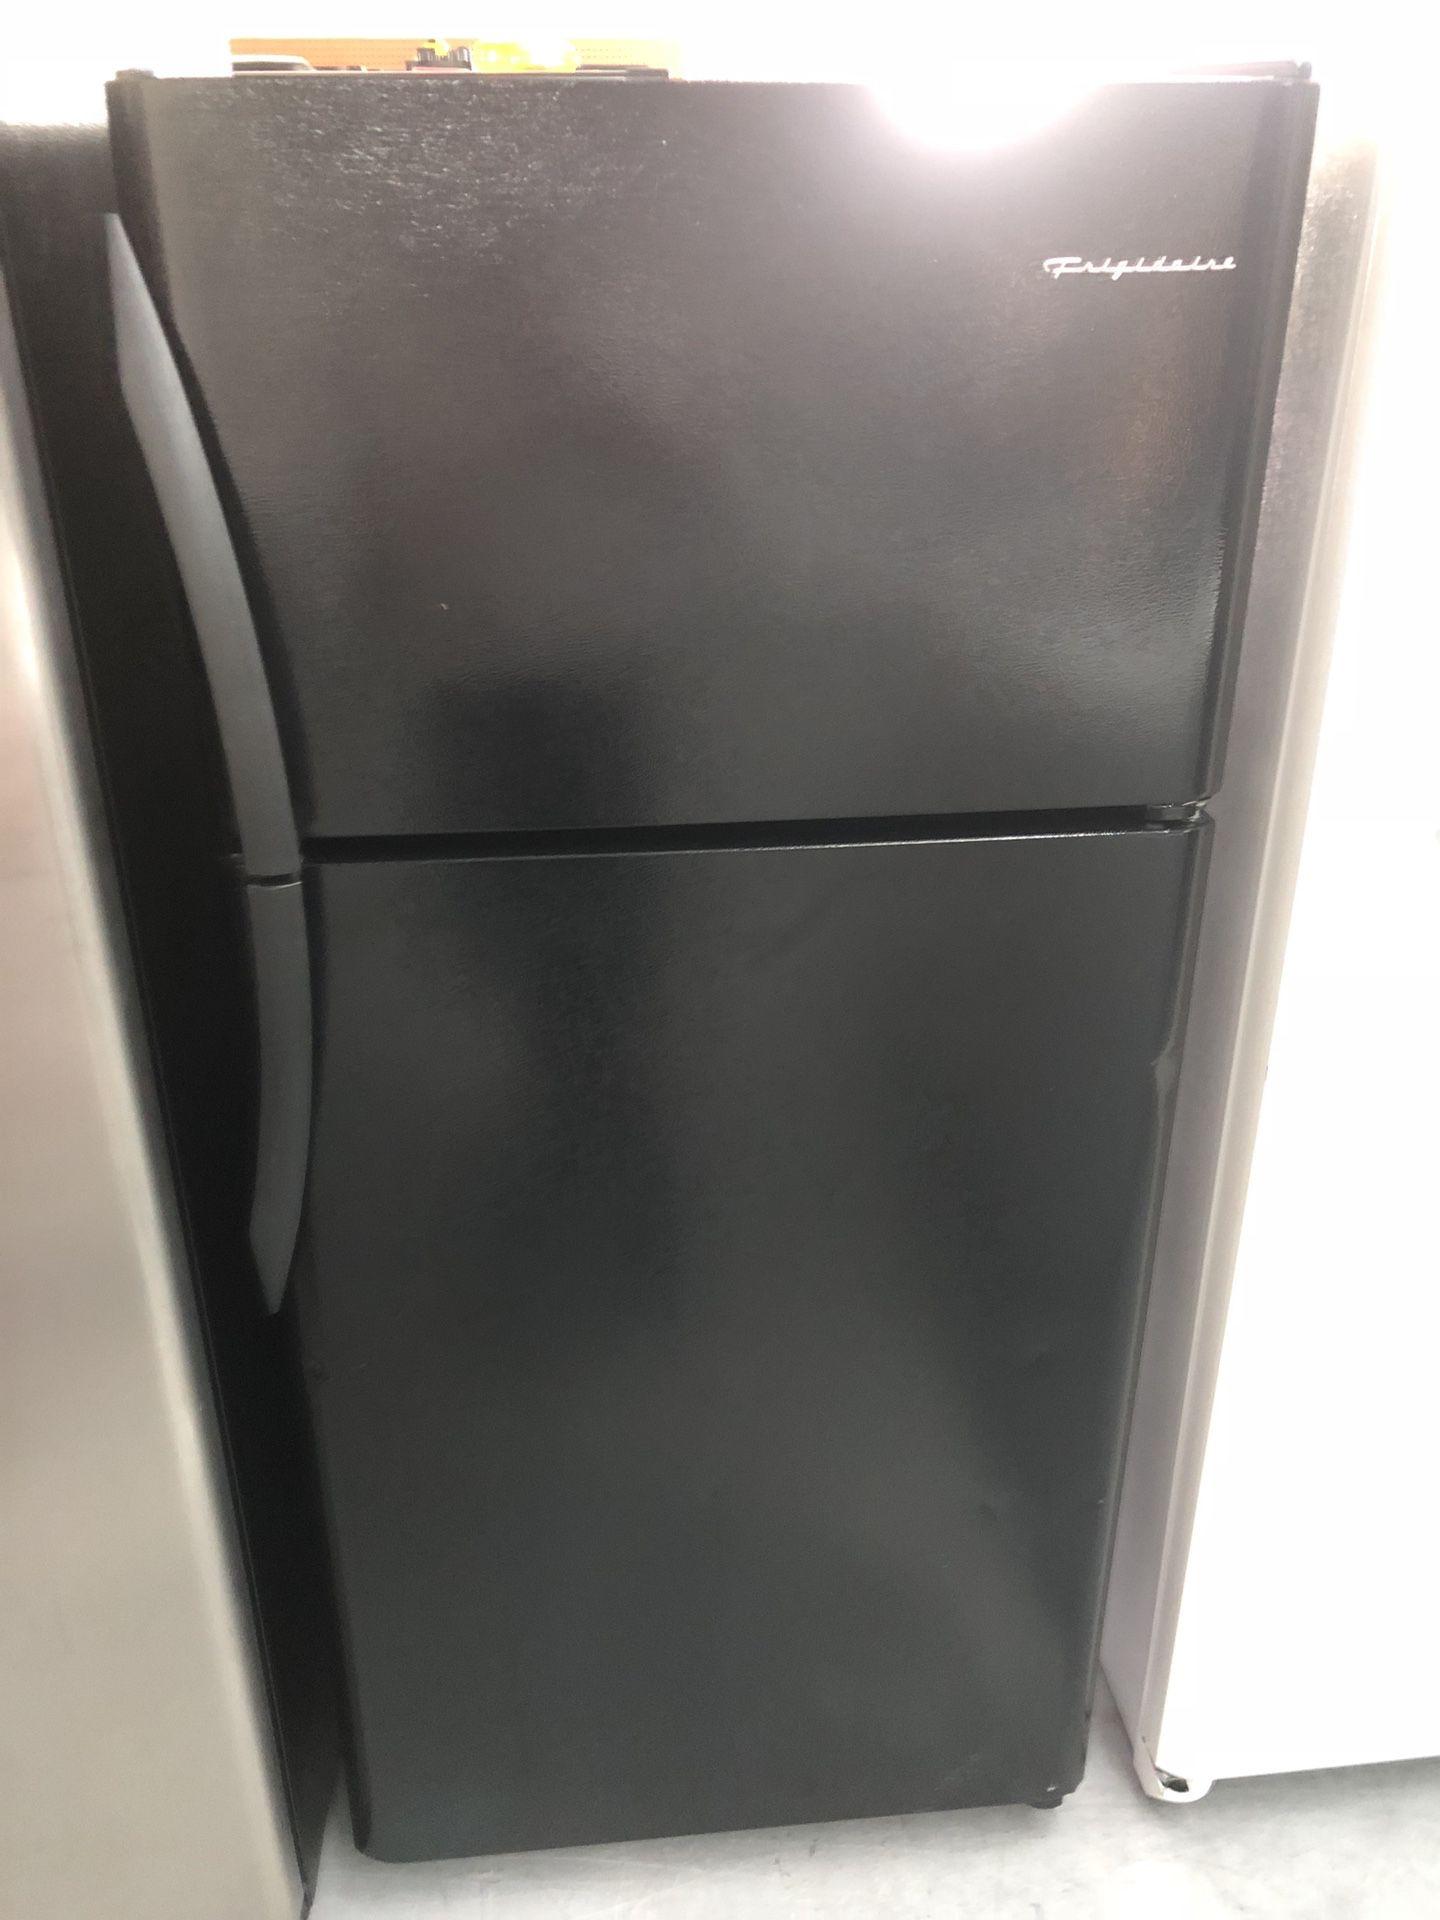 Frigidaire black fridge